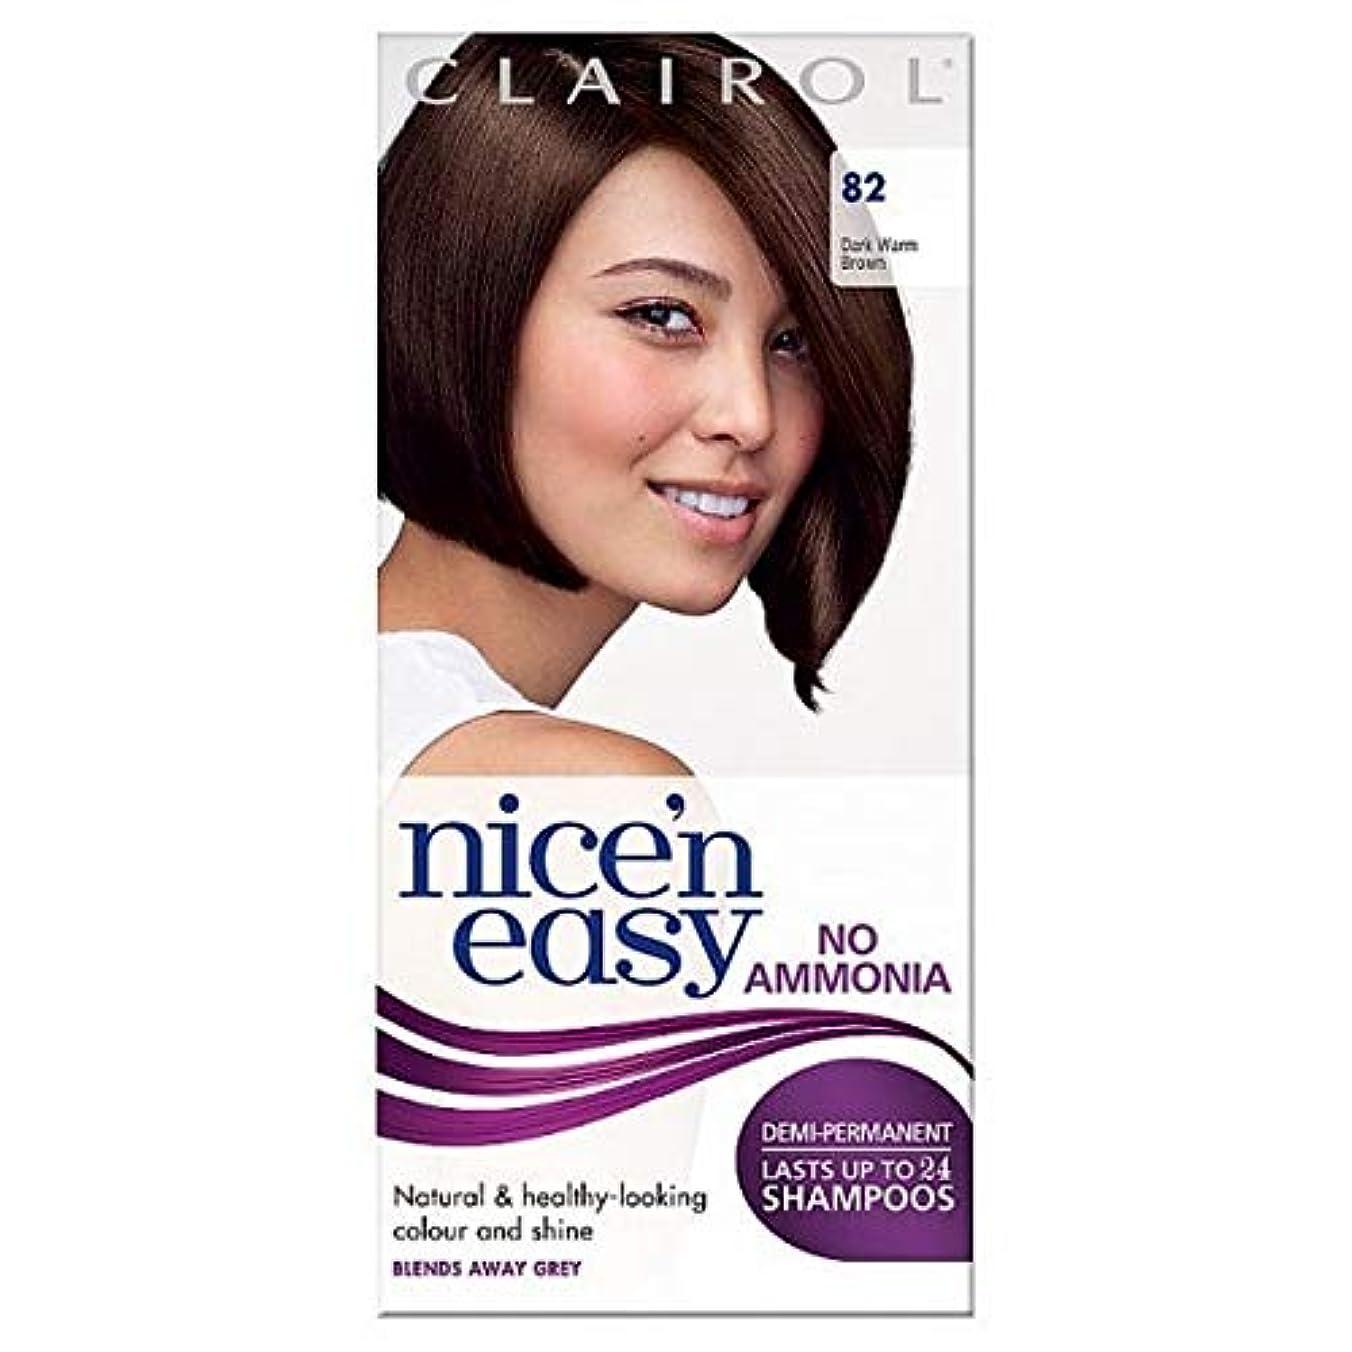 不確実シンプルな理想的[Nice'n Easy] Nice'N簡単に無アンモニア毛染めダークブラウン暖かい82 - Nice'n Easy No Ammonia Hair Dye Dark Warm Brown 82 [並行輸入品]